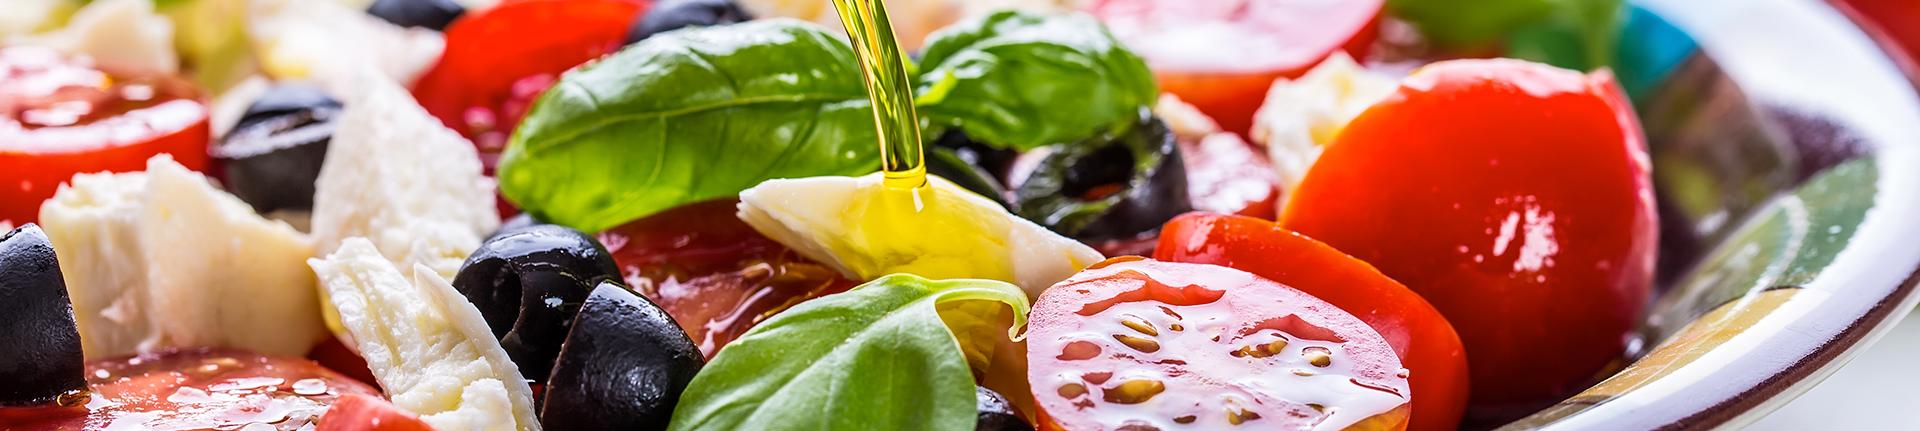 Saladas mediterrâneas